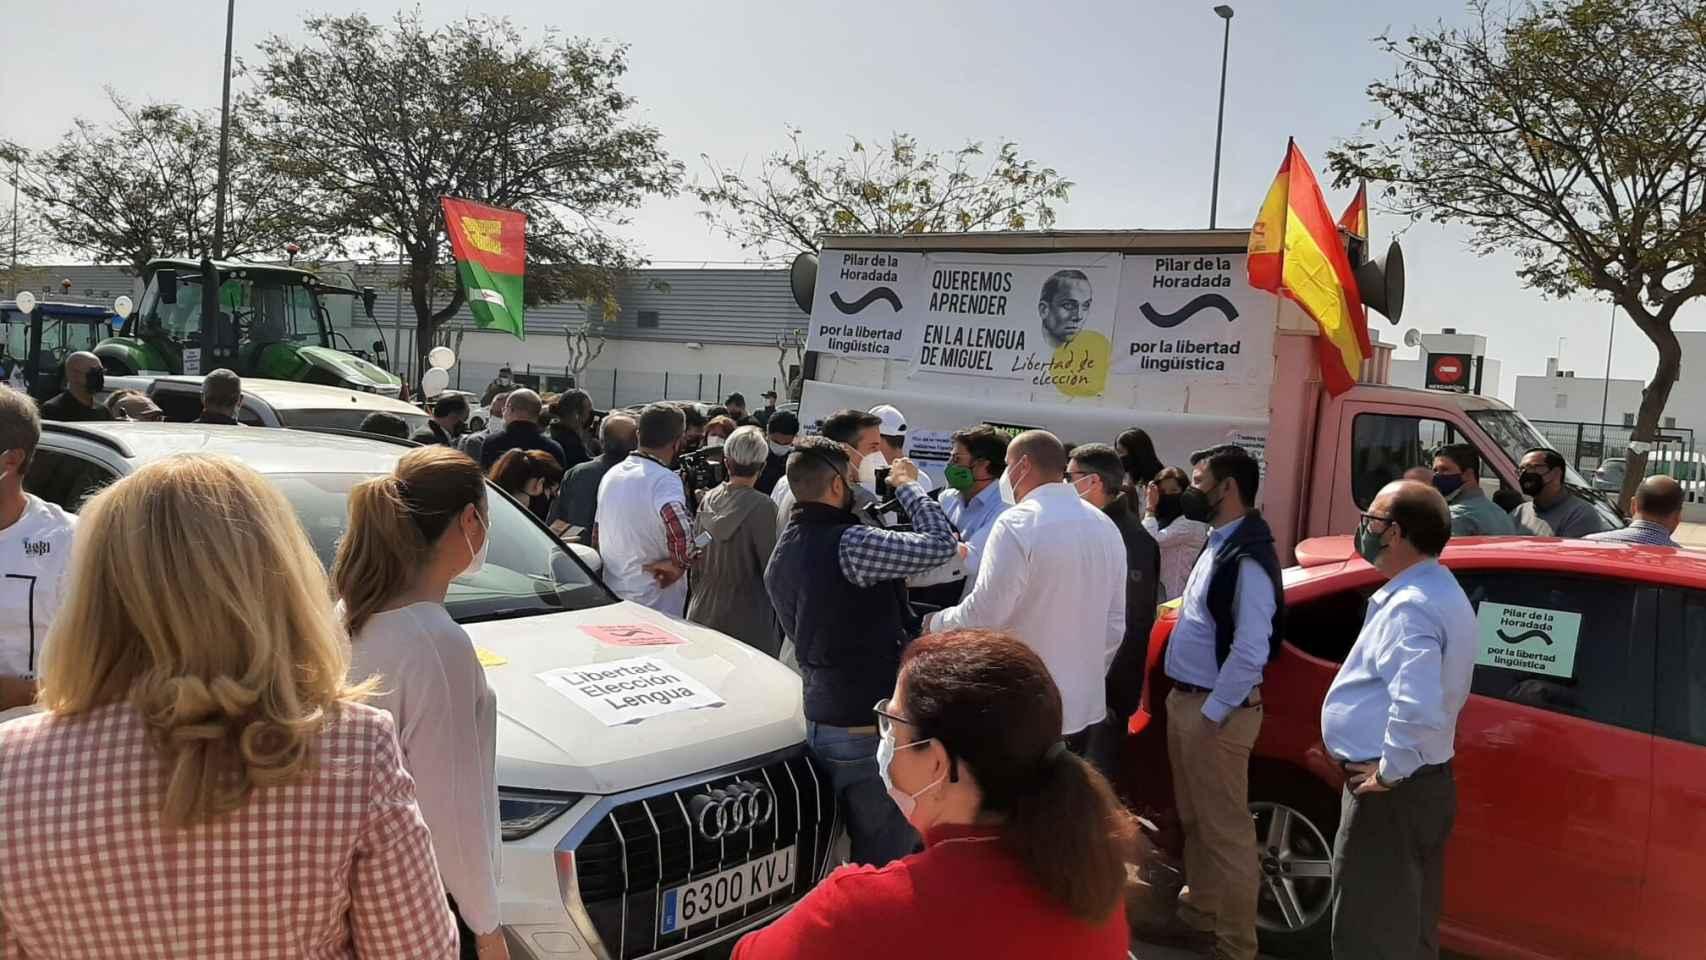 Manifestación celebrada en Pilar de la de Horadada hace dos semanas.